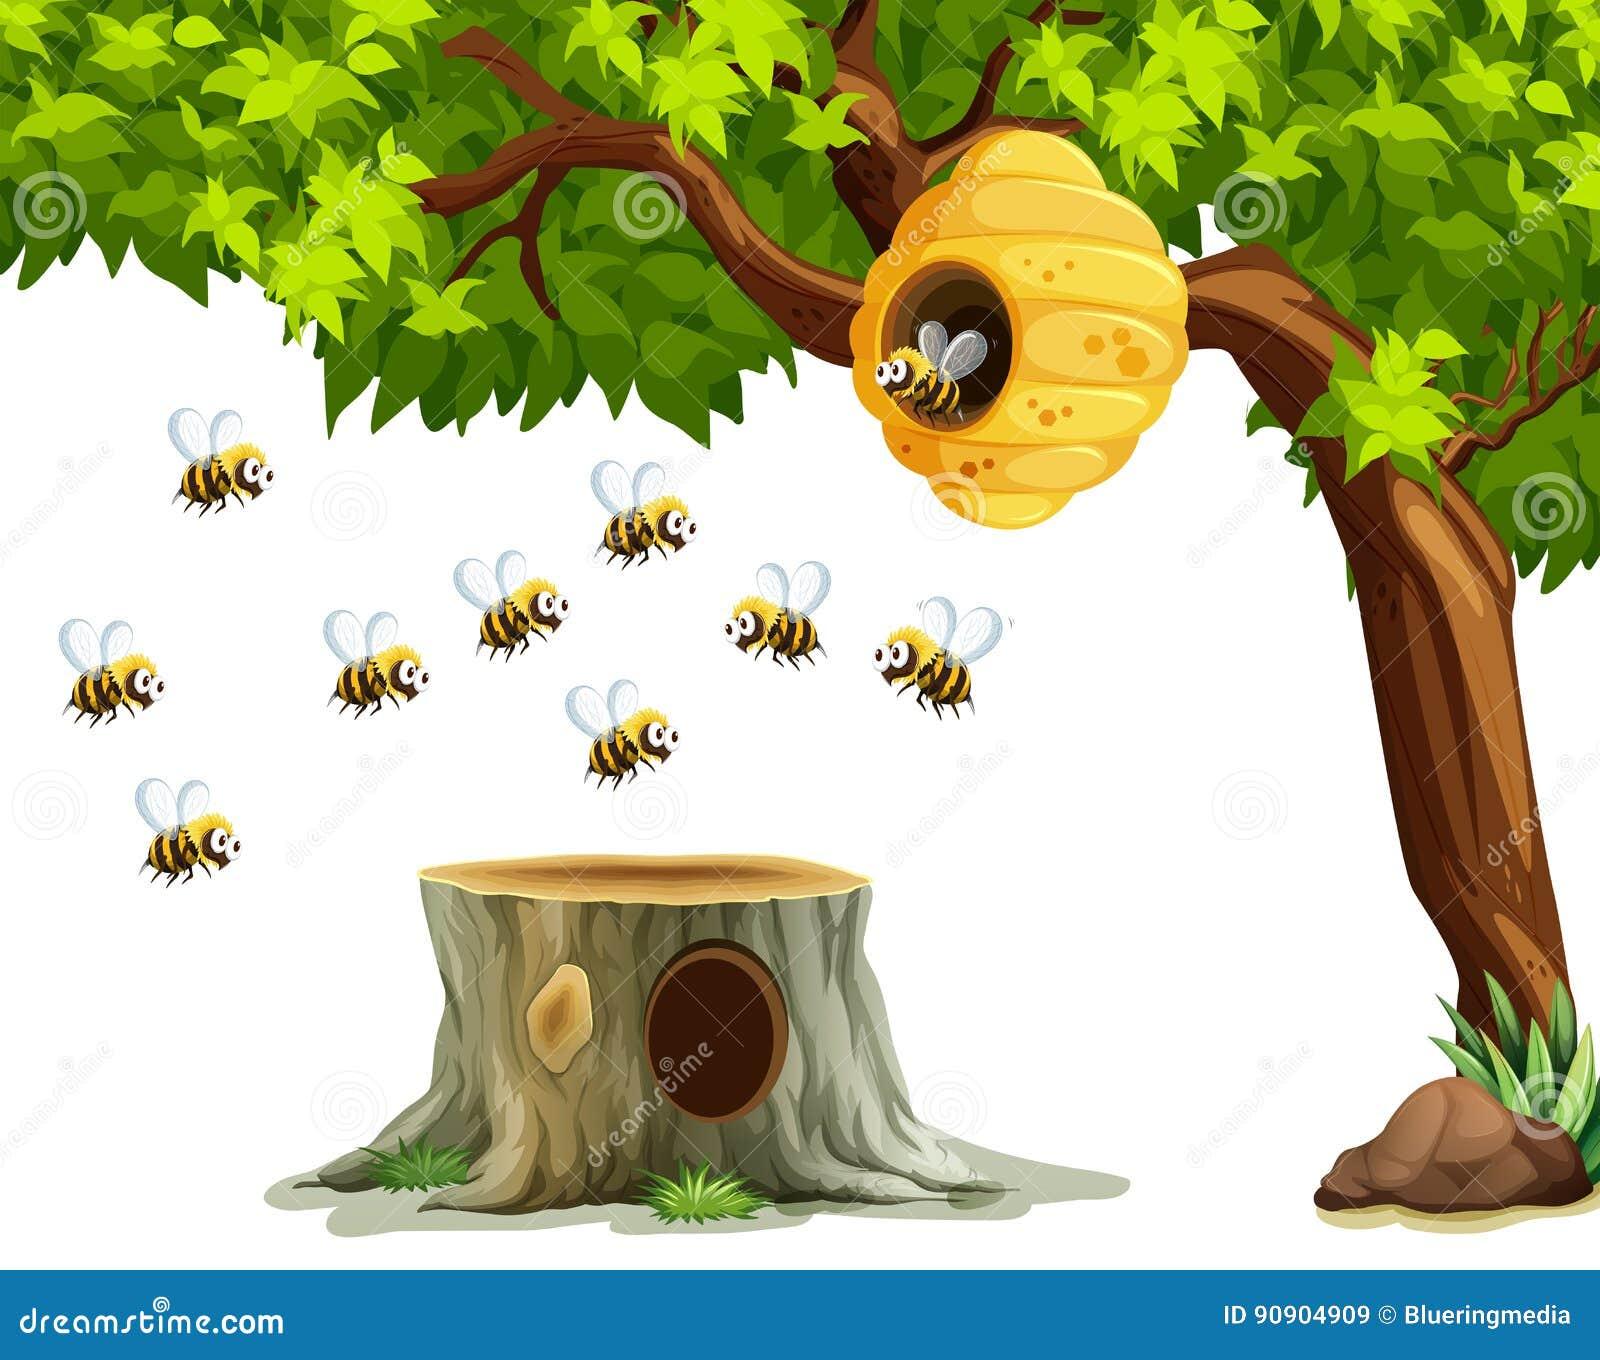 Bienen, die um Bienenstock auf dem Baum fliegen